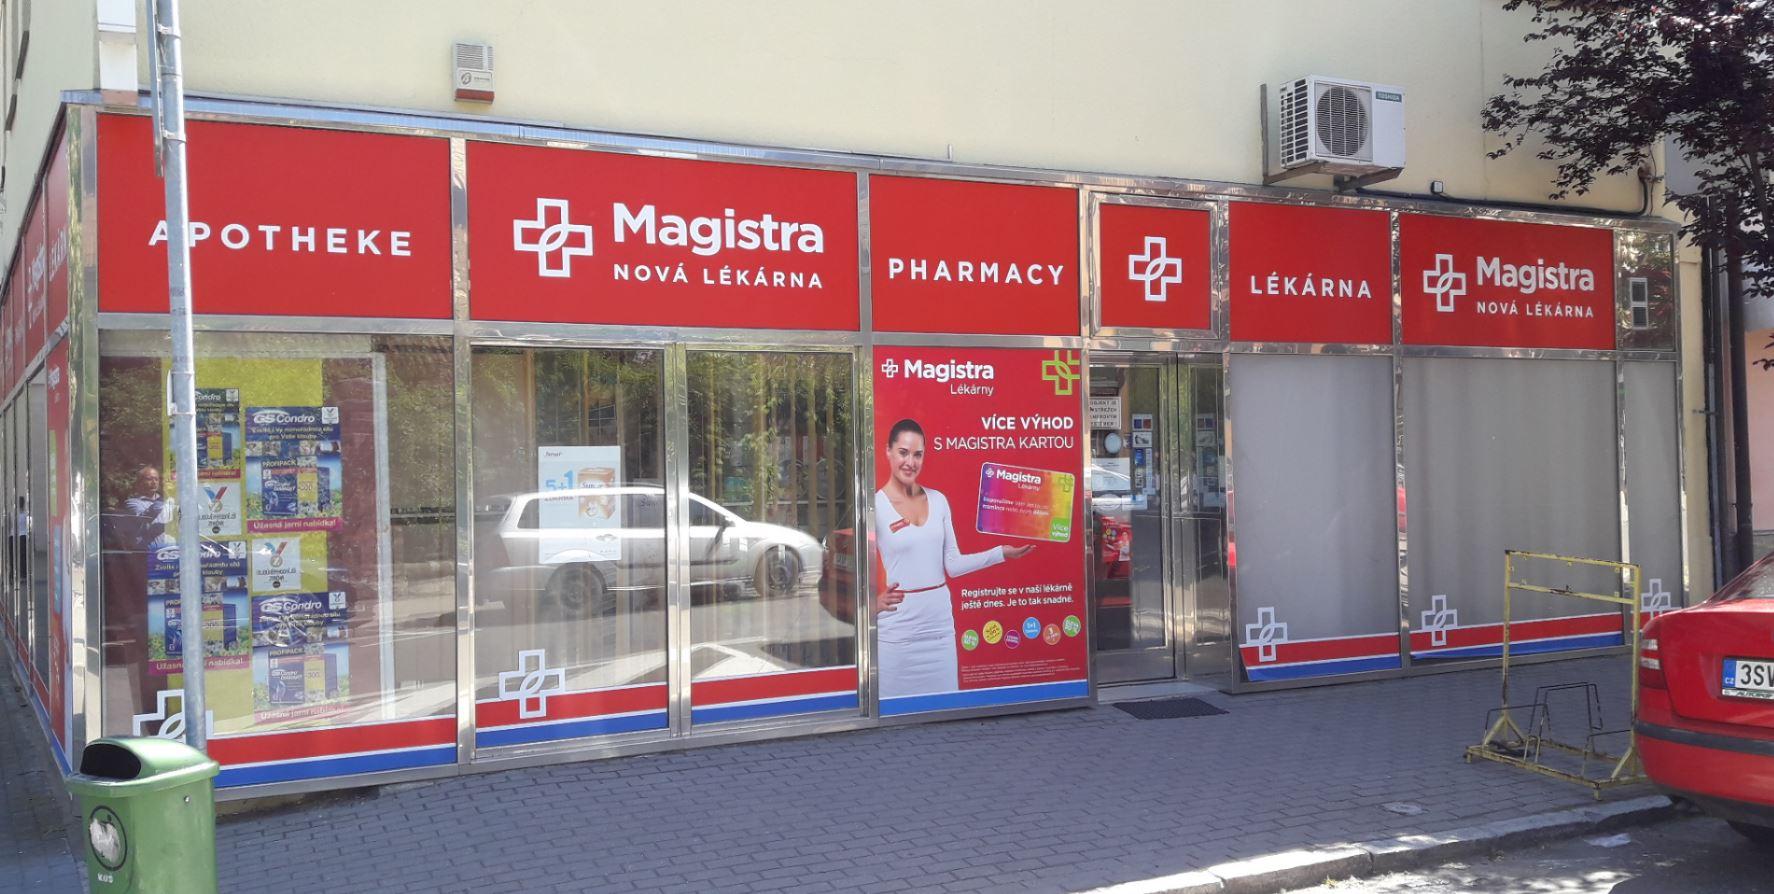 Magistra Nová lékárna